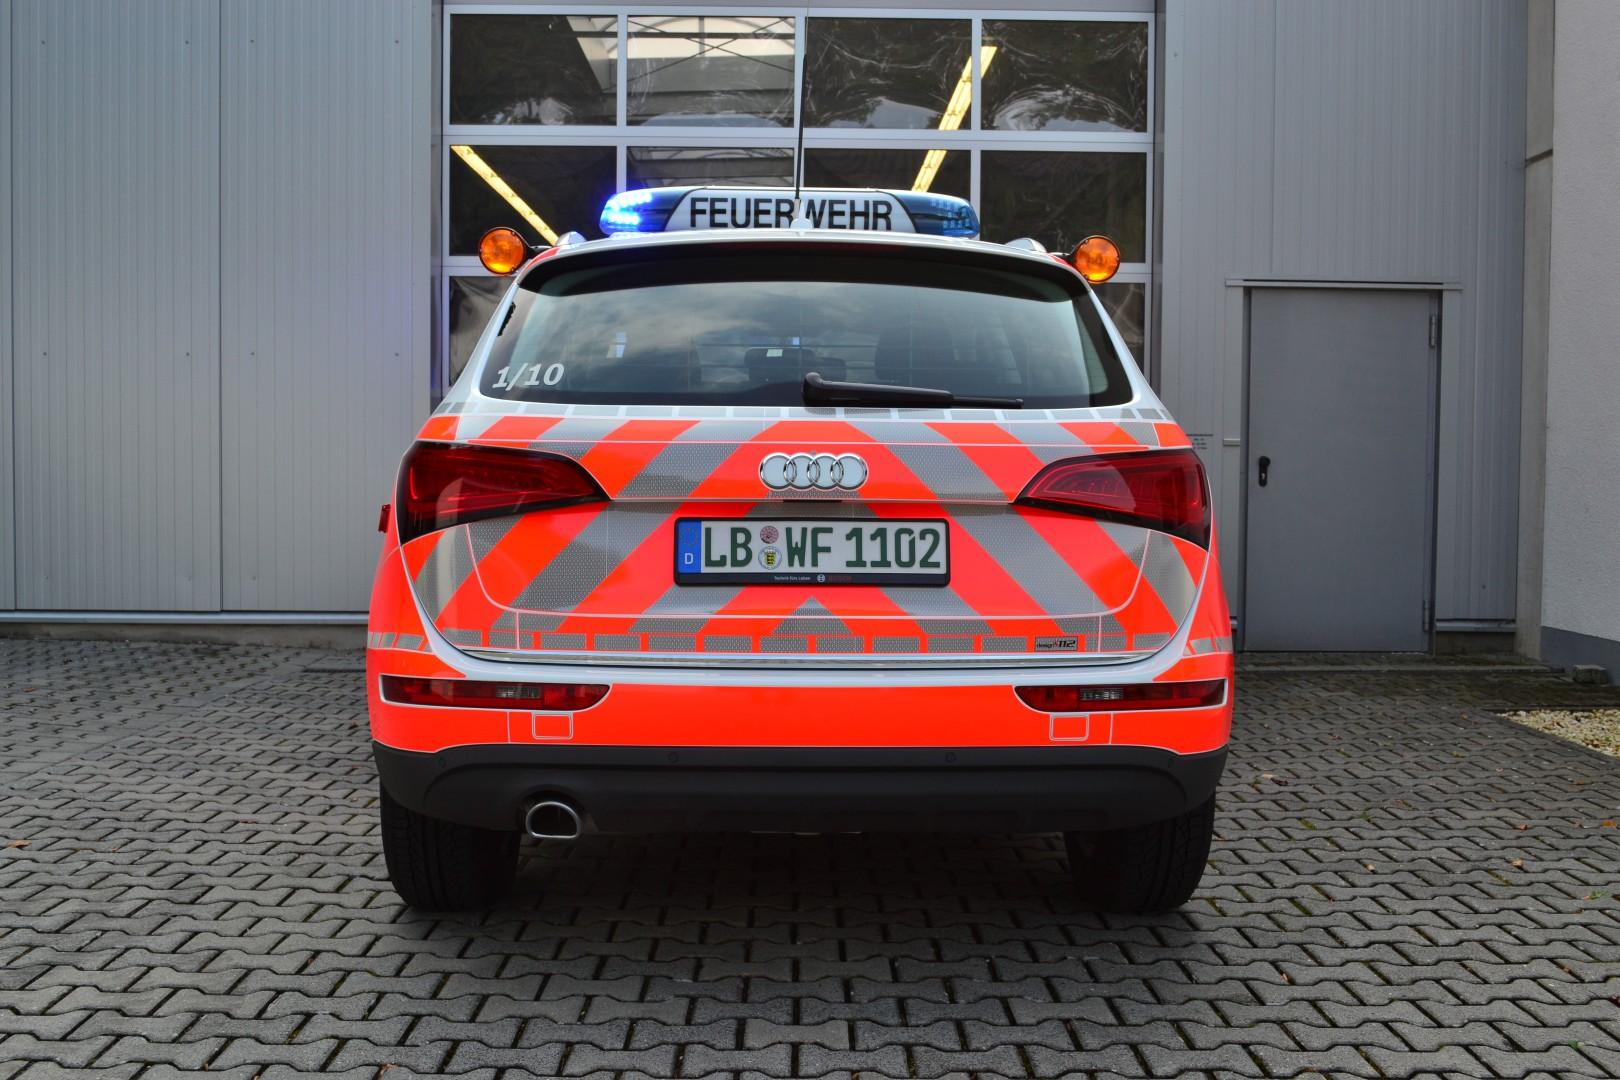 design112-werkfeuerwehr-bosch-audi-q5-folie-ral3026-warnmarkierung-38-large